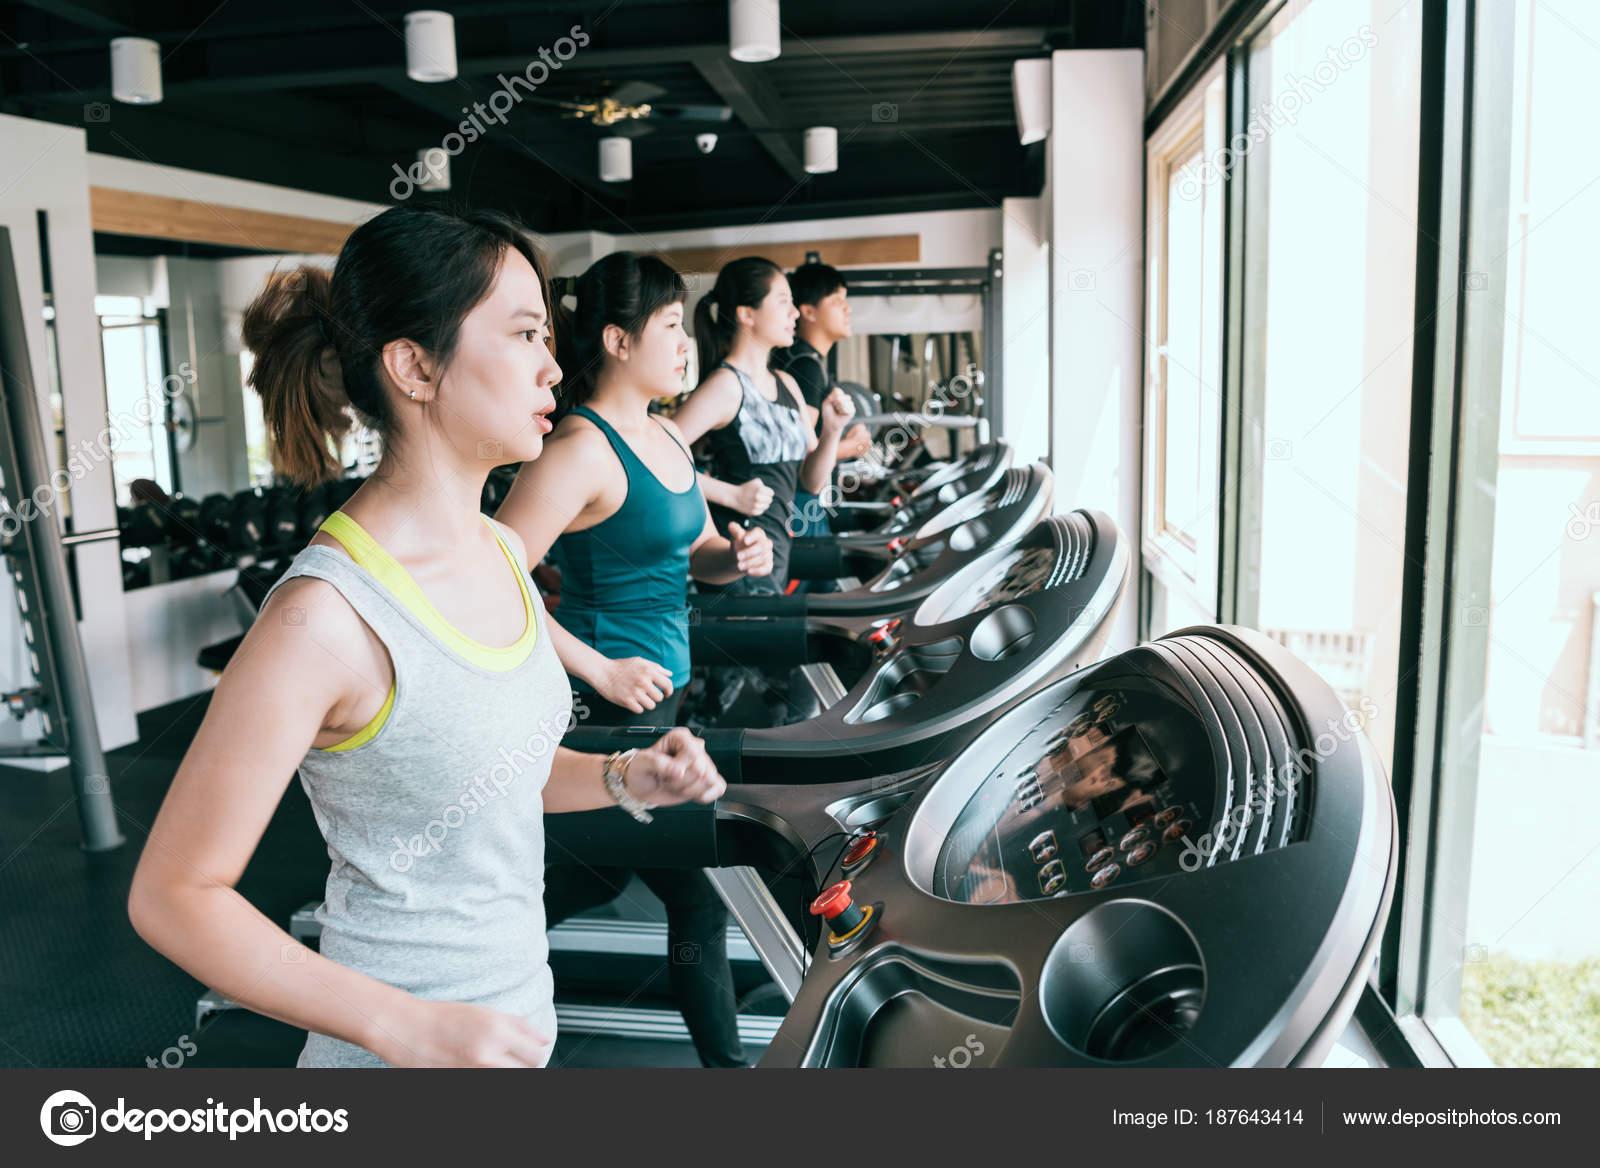 hacer ejercicio para bajar de peso